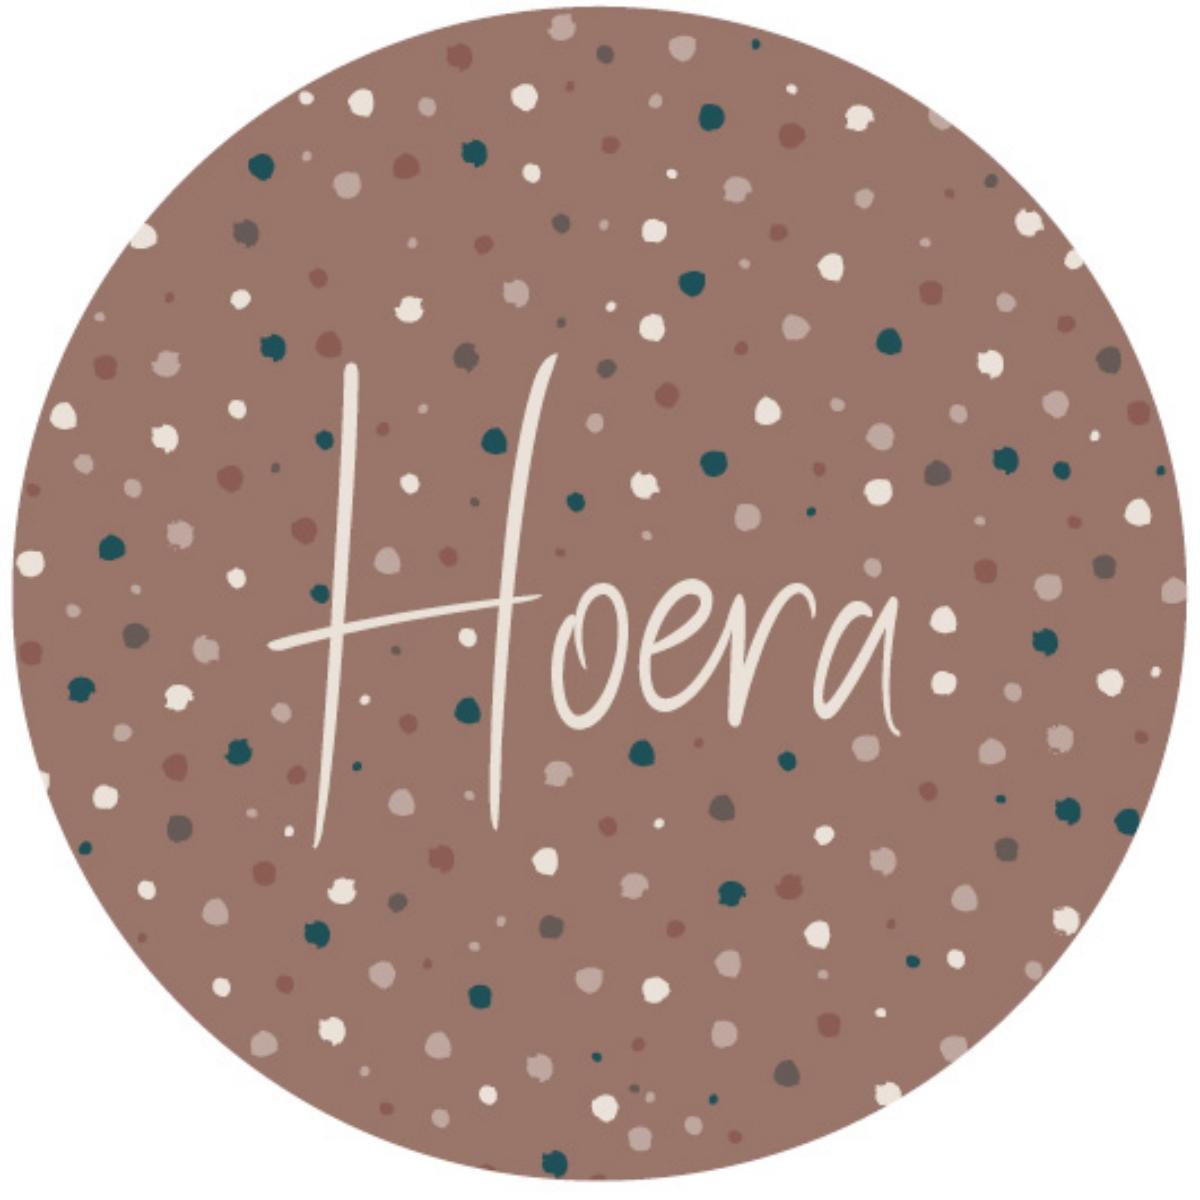 Sticker Hoera